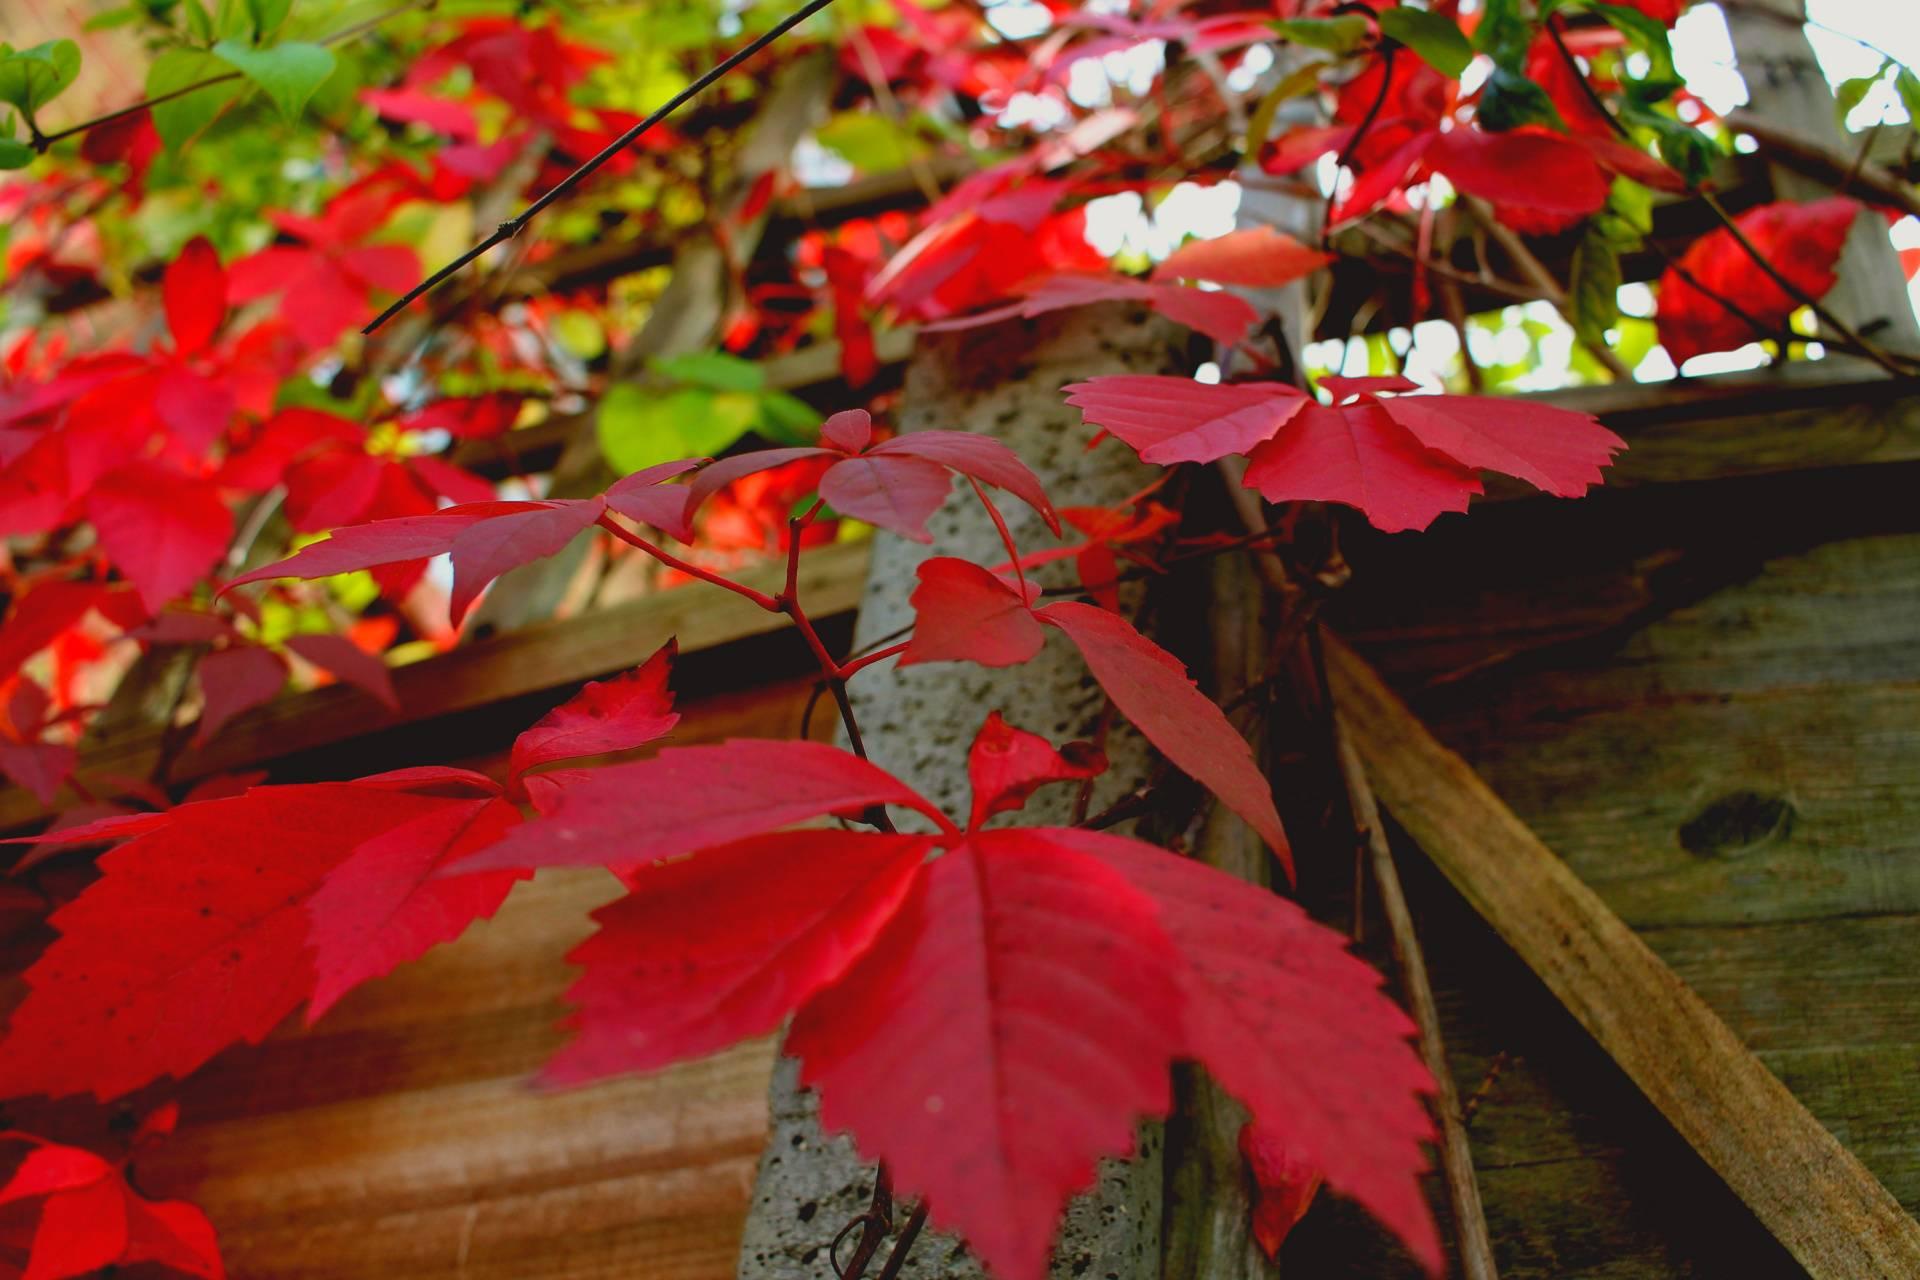 Autumnis commin